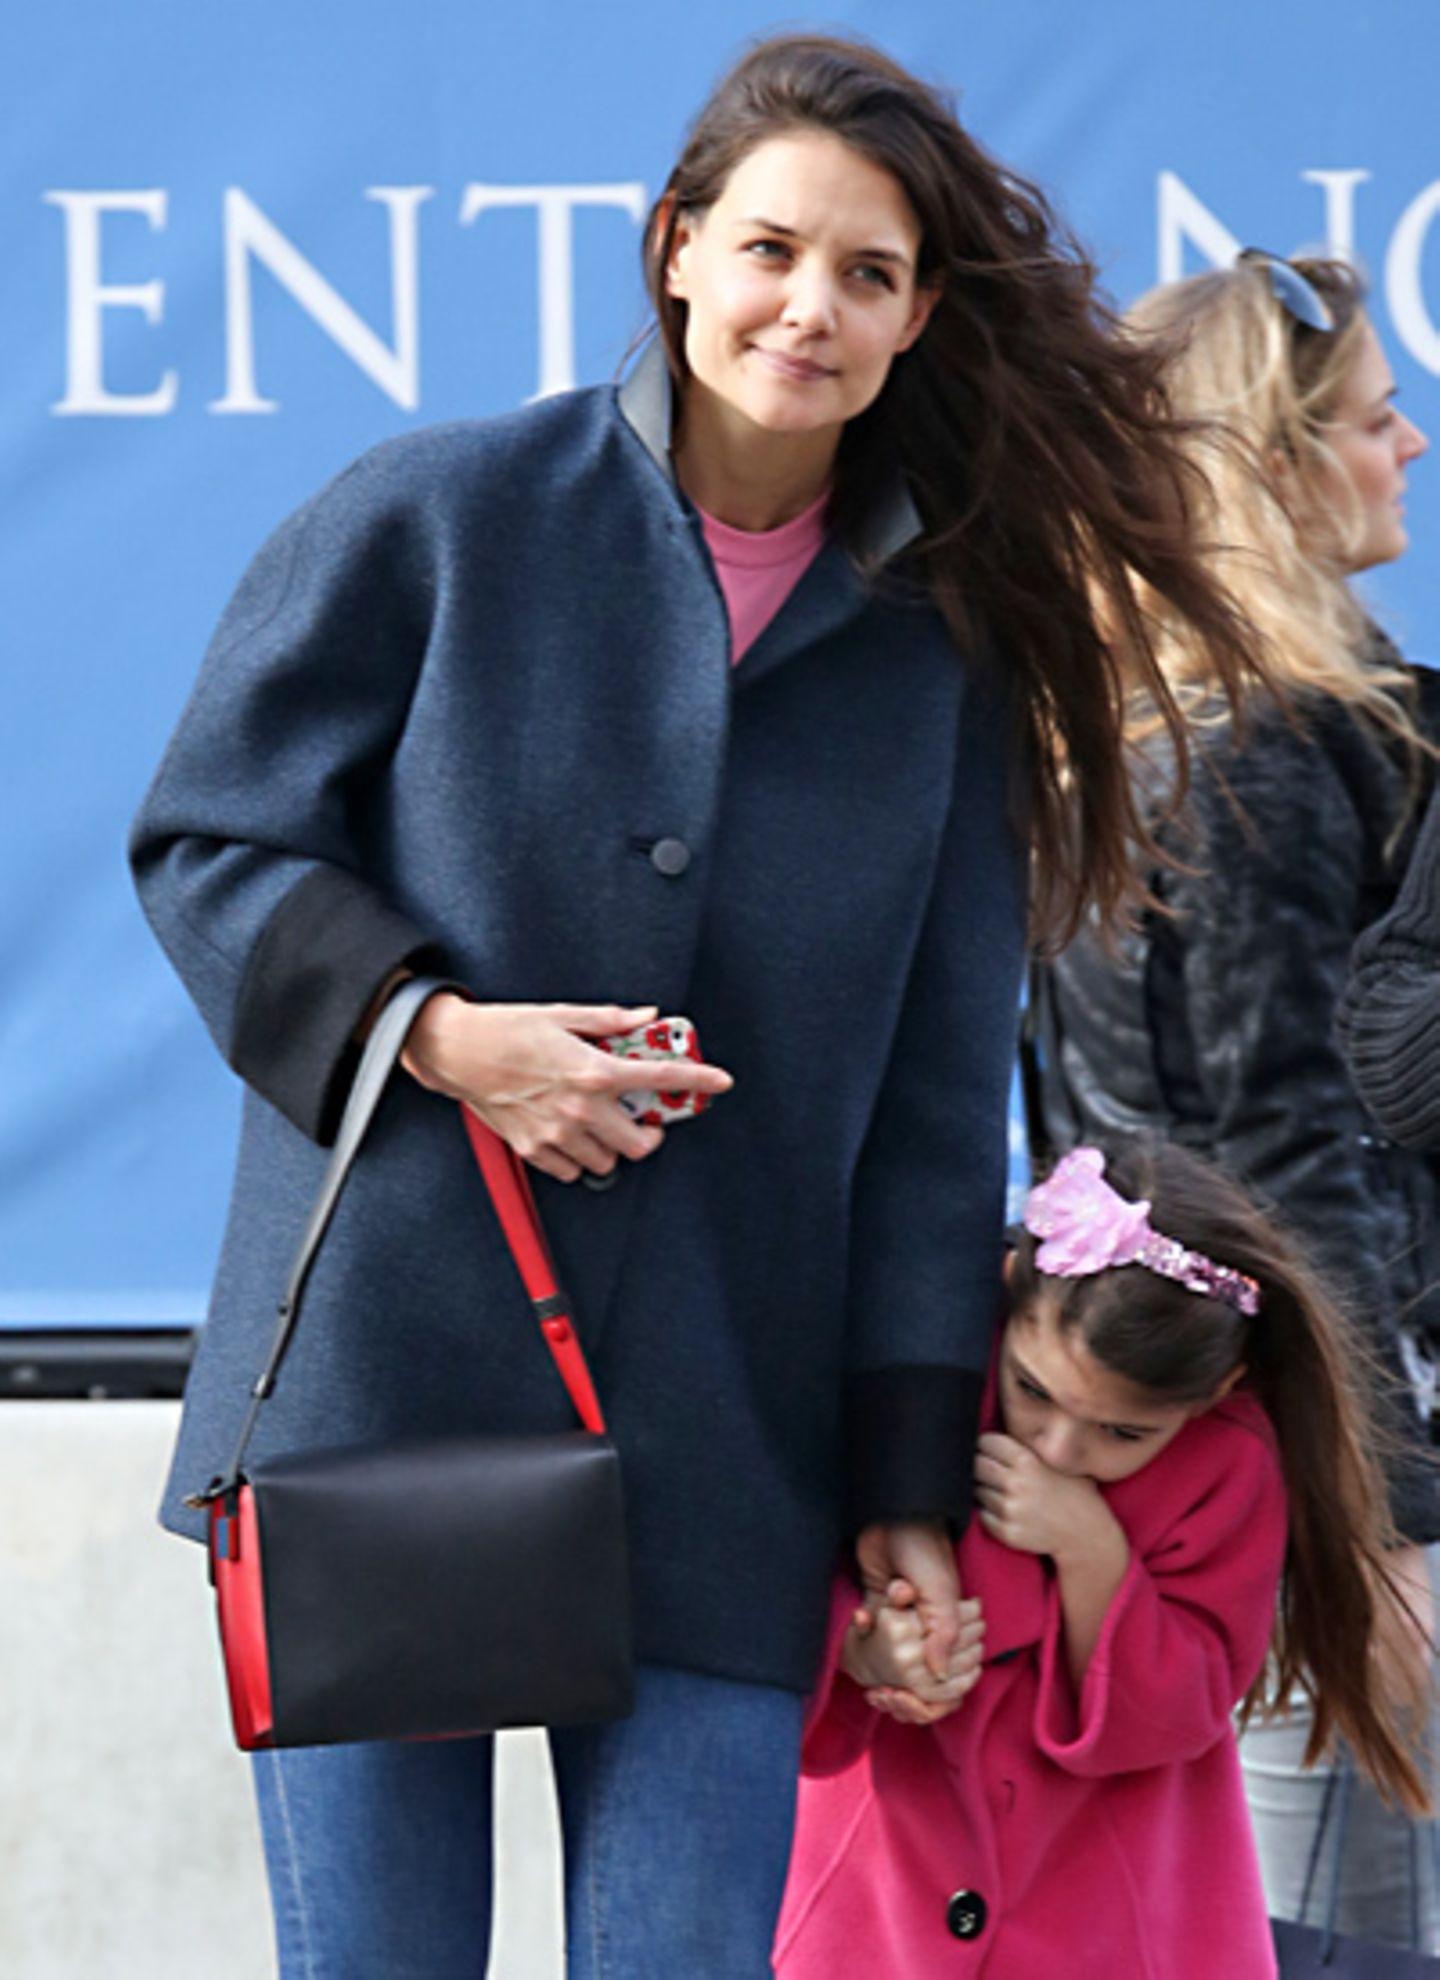 Mit der schwarz-roten Umhängetasche sieht man Katie Holmes derzeit ziemlich oft.